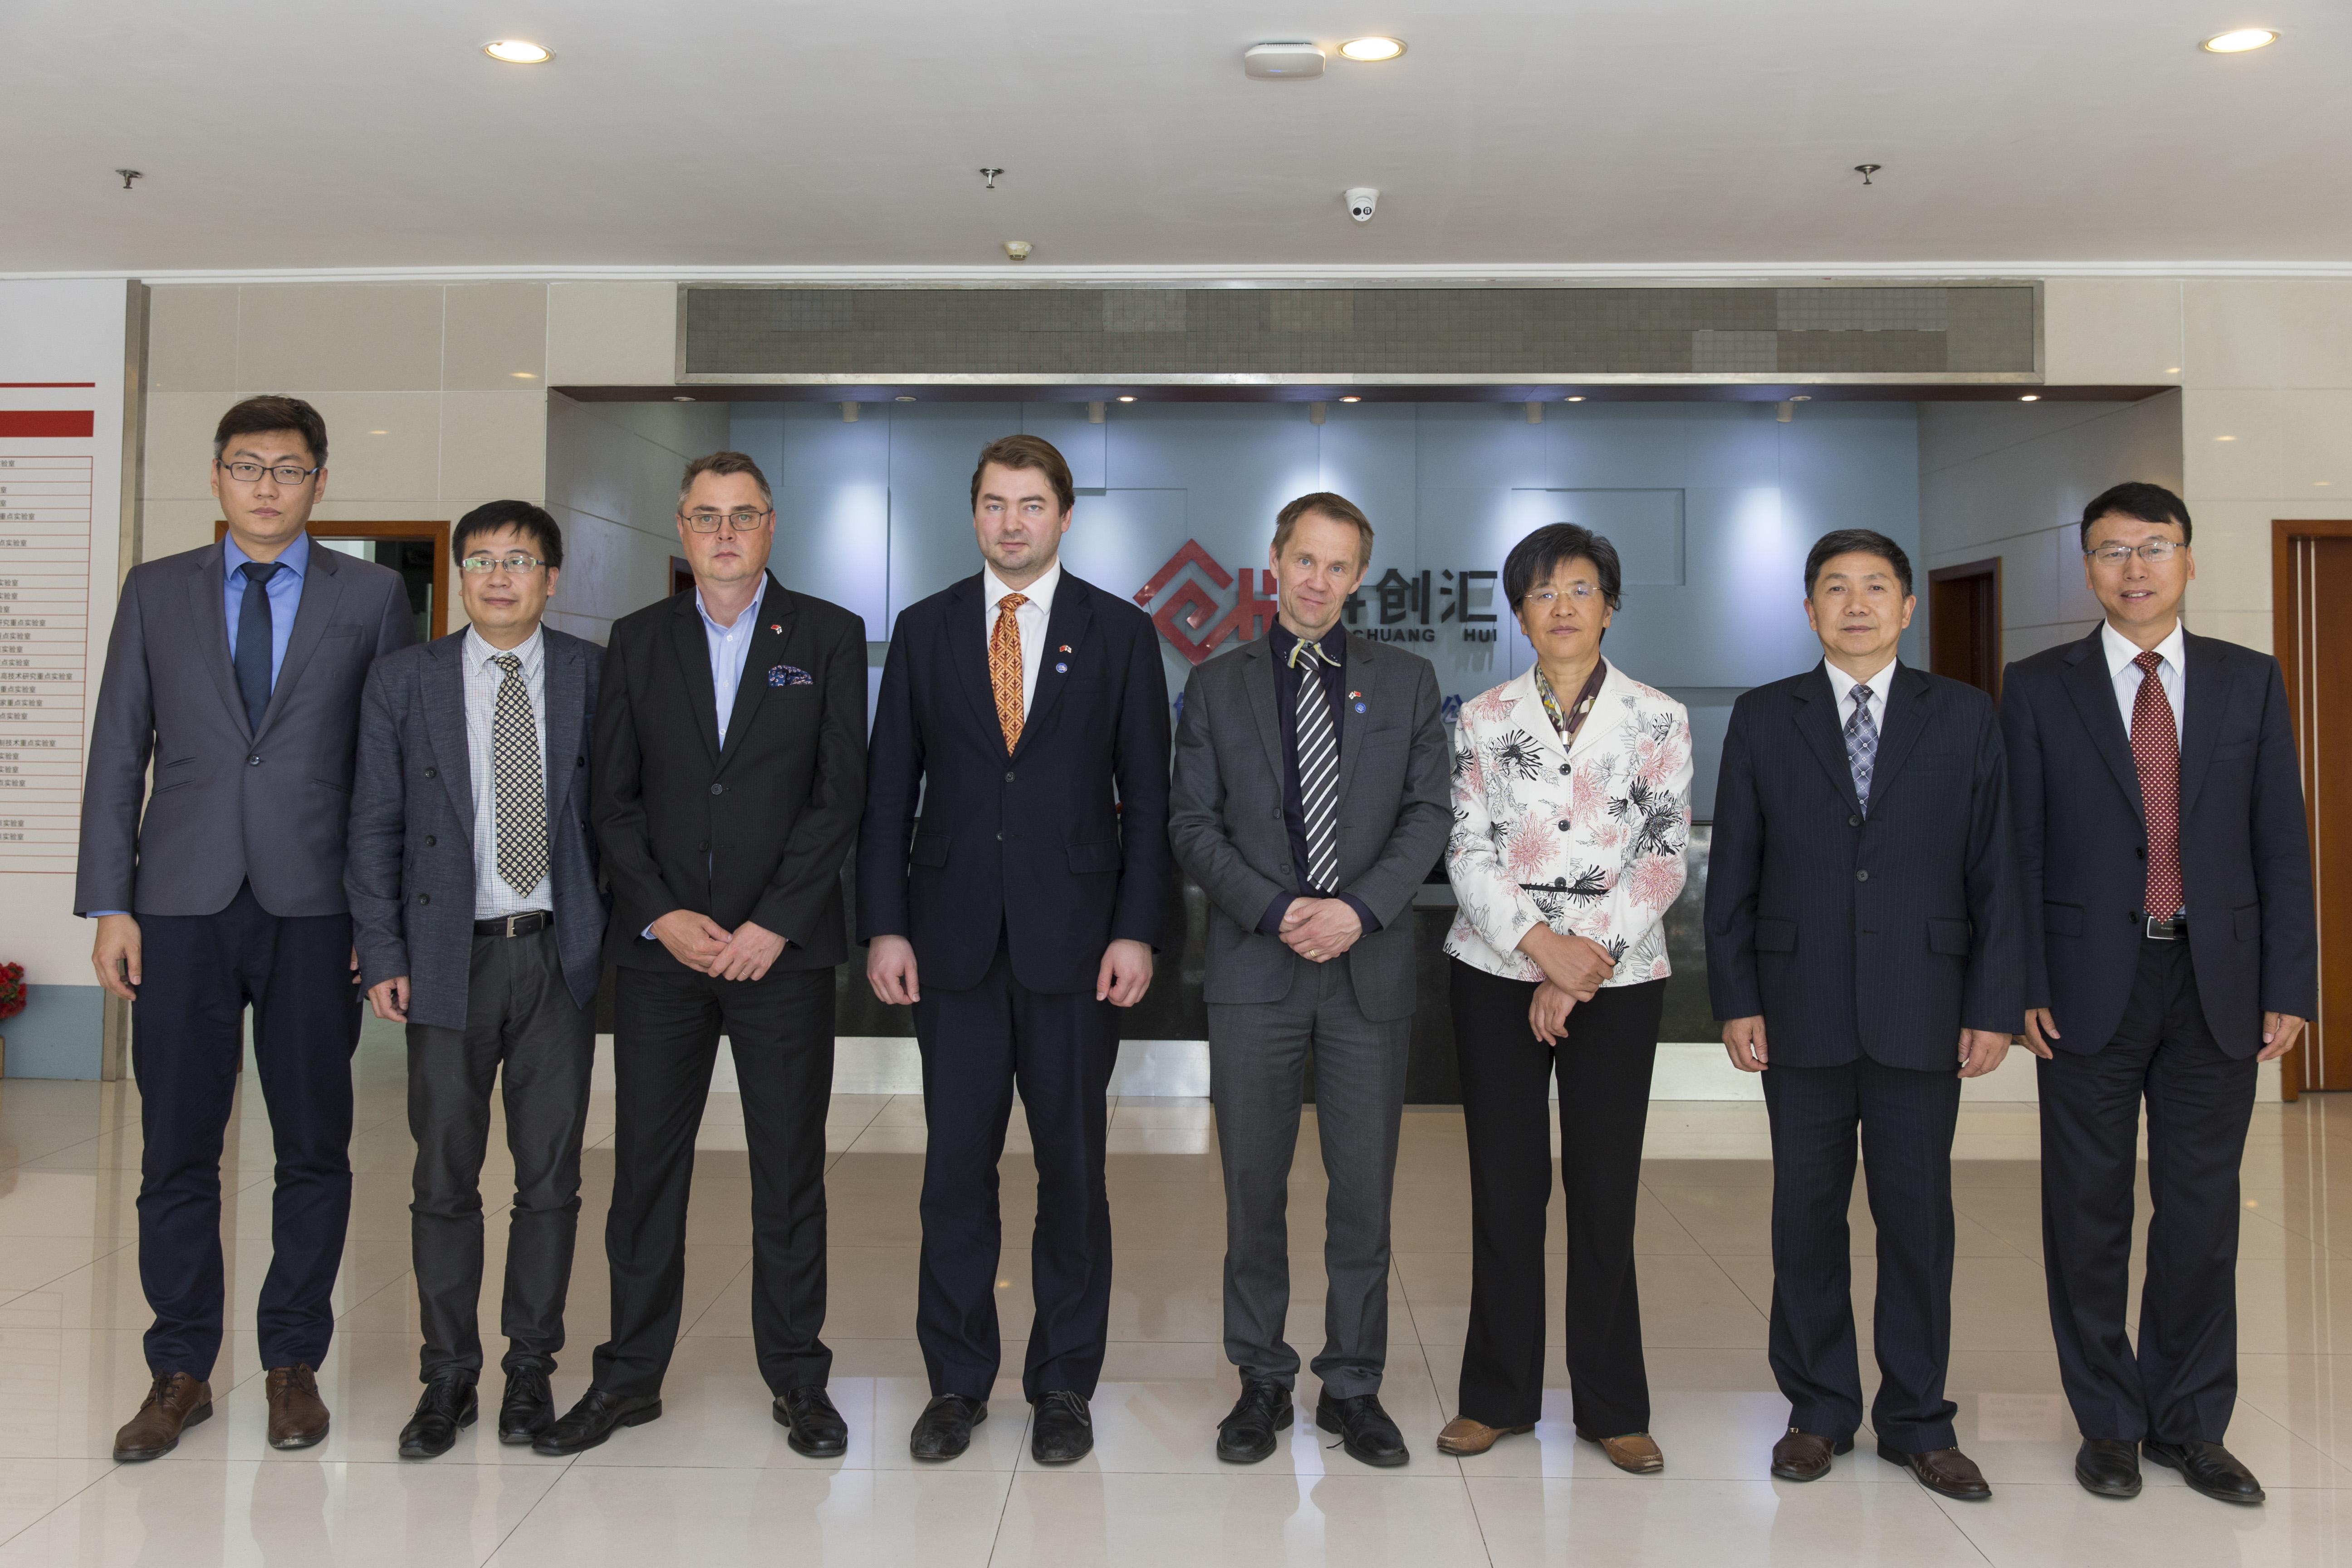 芬兰国会议员代表团到访江苏省科协